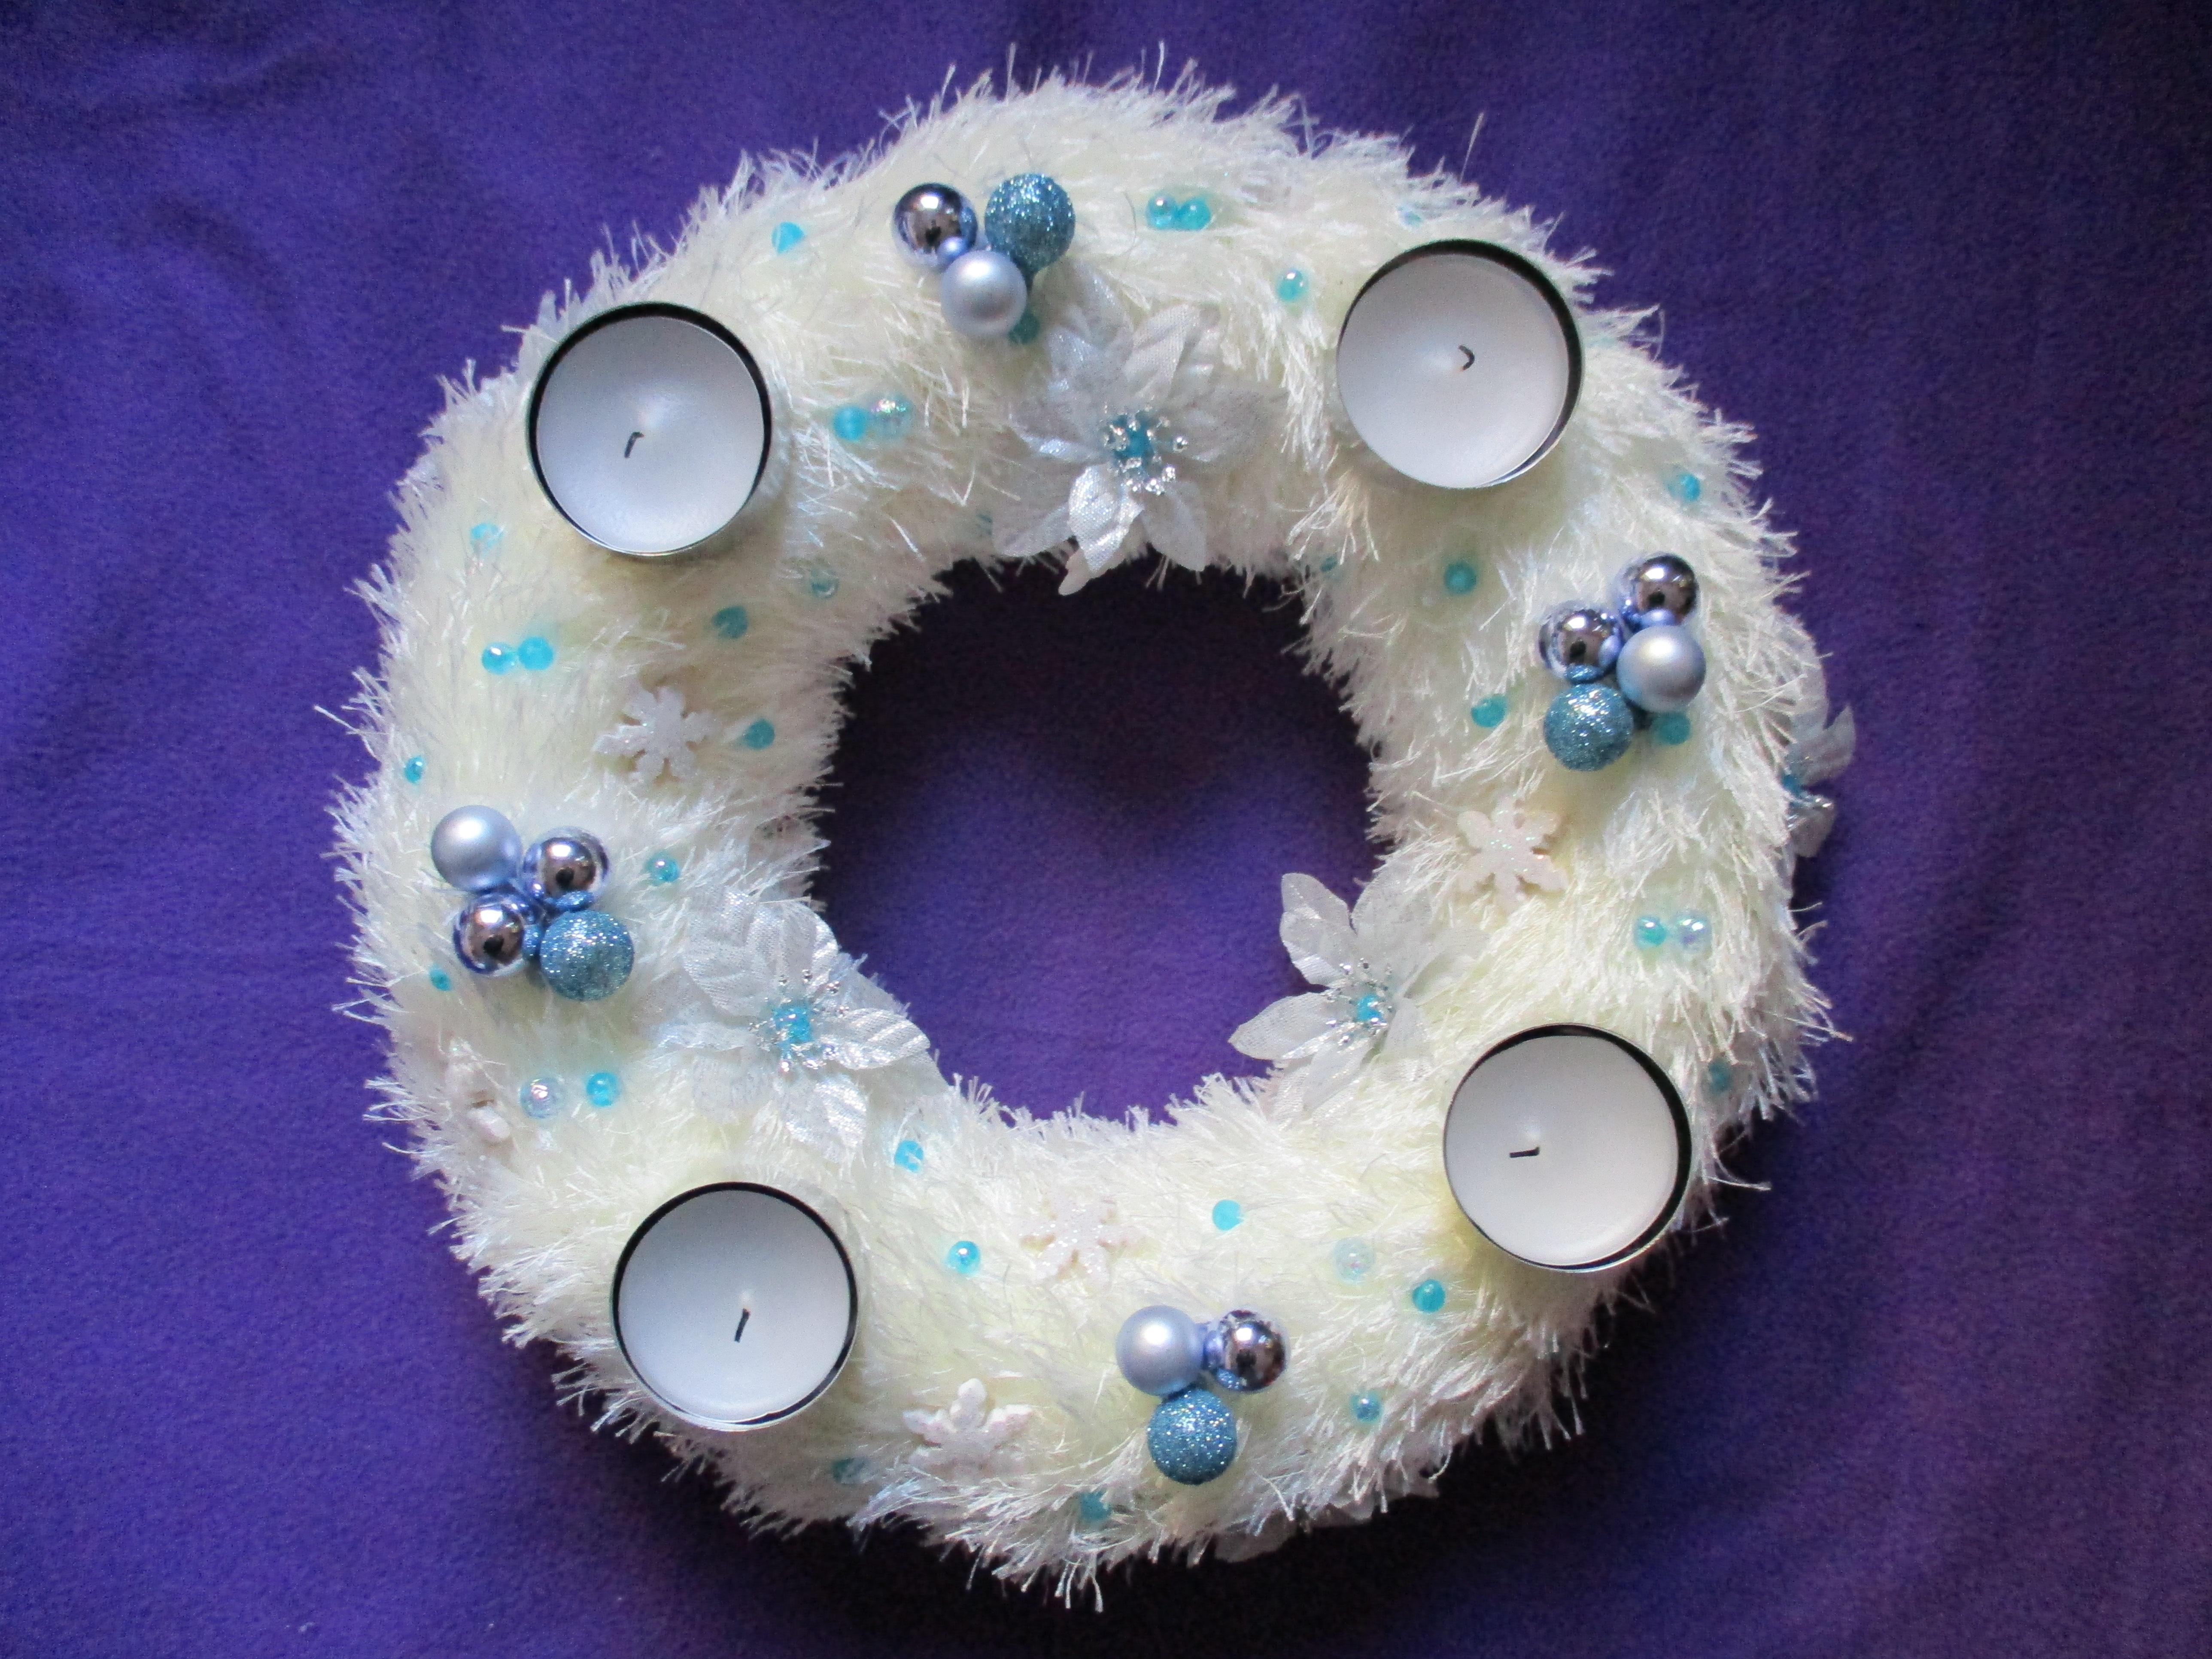 67c85c0da Obrazy : zimné, biely, krúžok, Fialová, atmosféra, ľad, našuchorený,  romantický, zmrazený, Modrá, Vianoce, zabezpečenia, deco, ľadových  kryštálov, príchod, ...